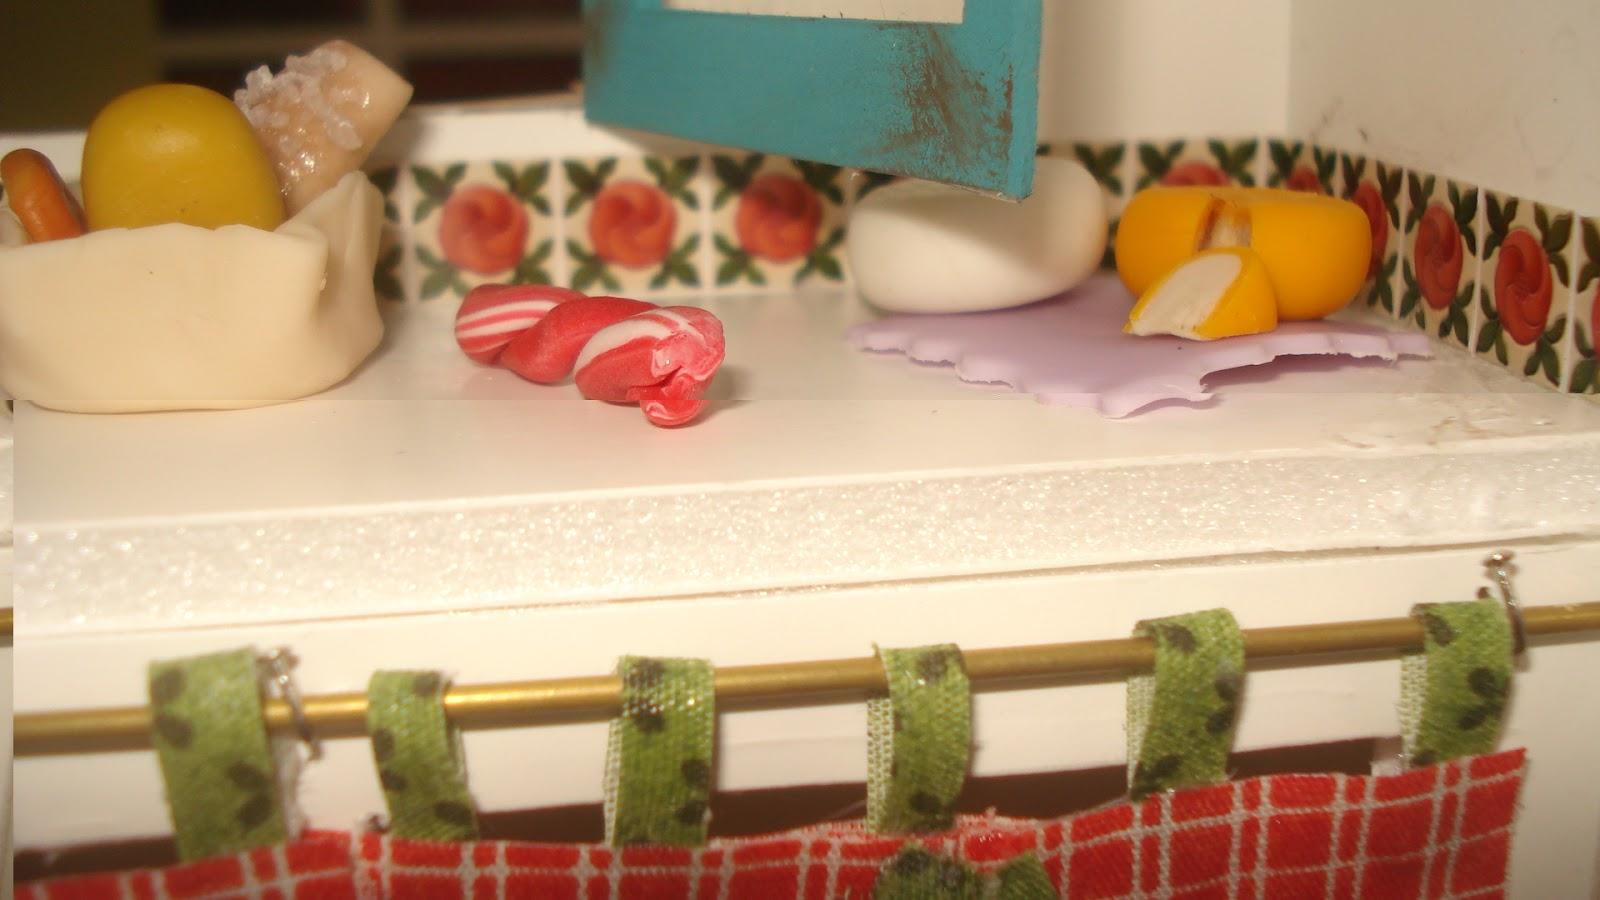 casa andrea milano sectional sofa 3 cushion slipcovers canada louca por miniaturas minis da dea outubro 2012